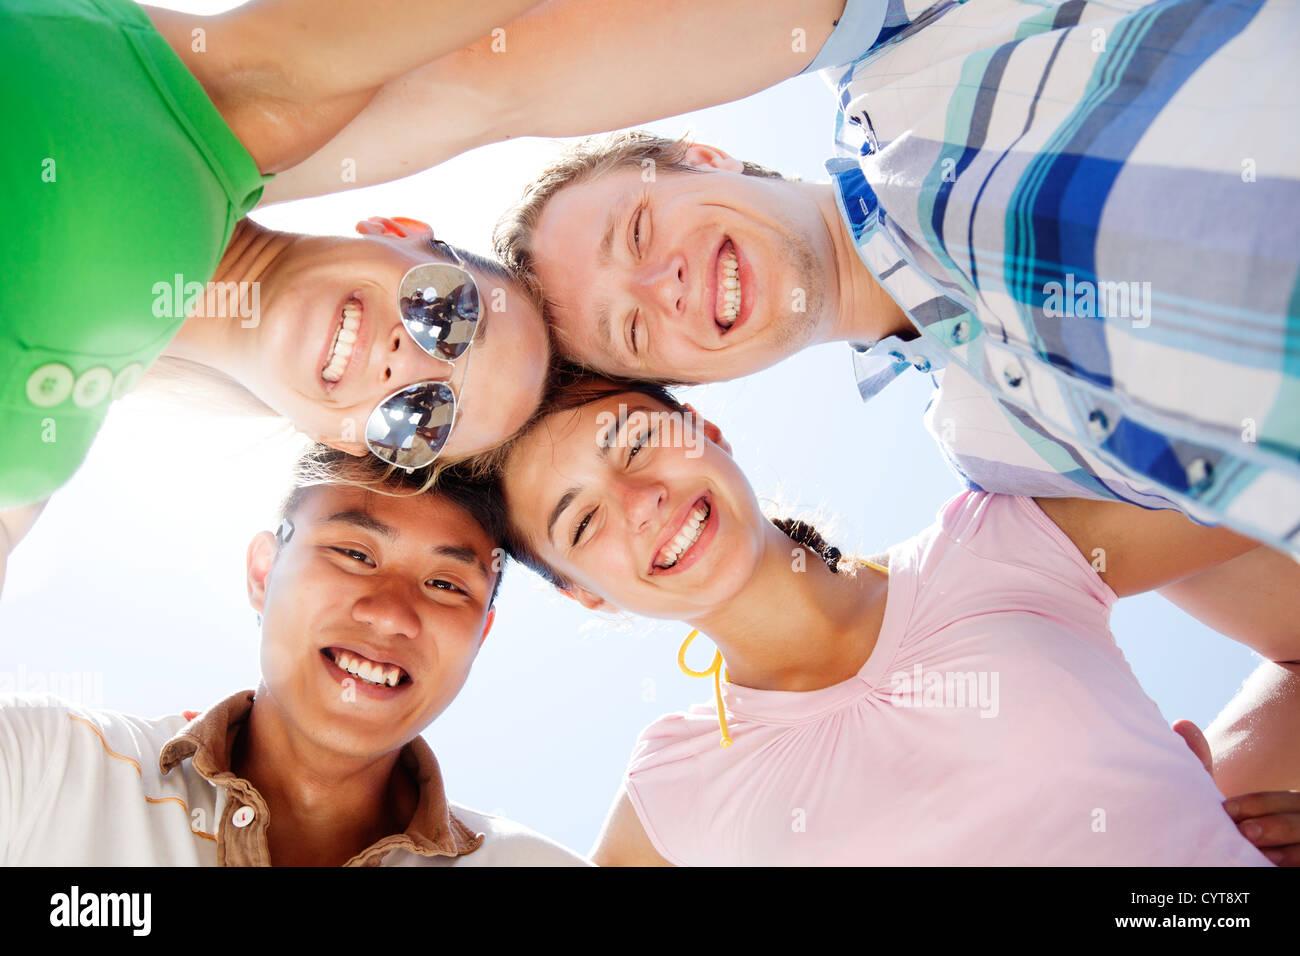 Gruppe von Jugendlichen, die Spaß Stockfoto